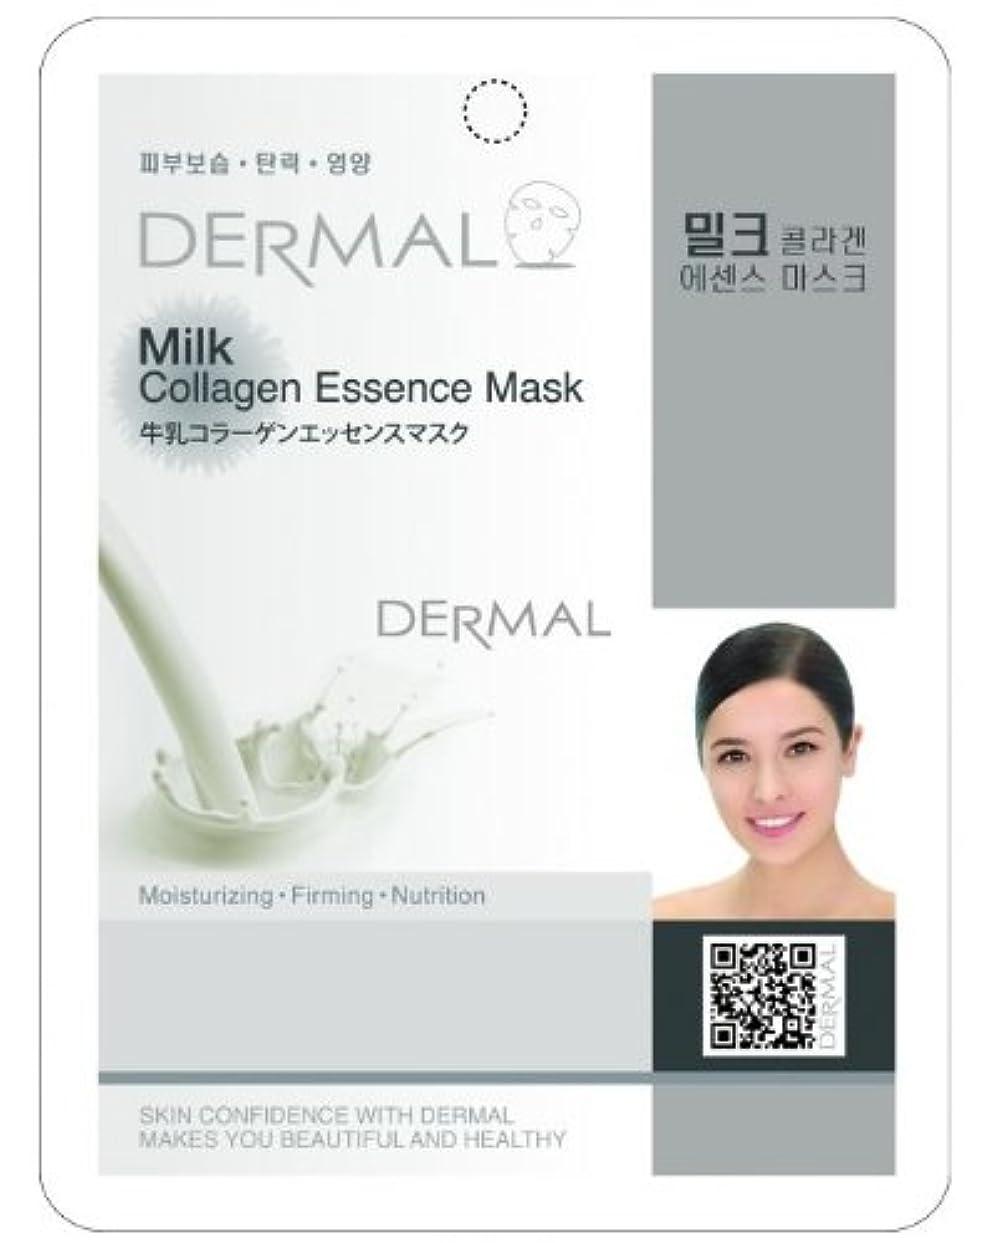 申し込む滑りやすいであるミルクシートマスク(フェイスパック) 100枚セット ダーマル(Dermal)